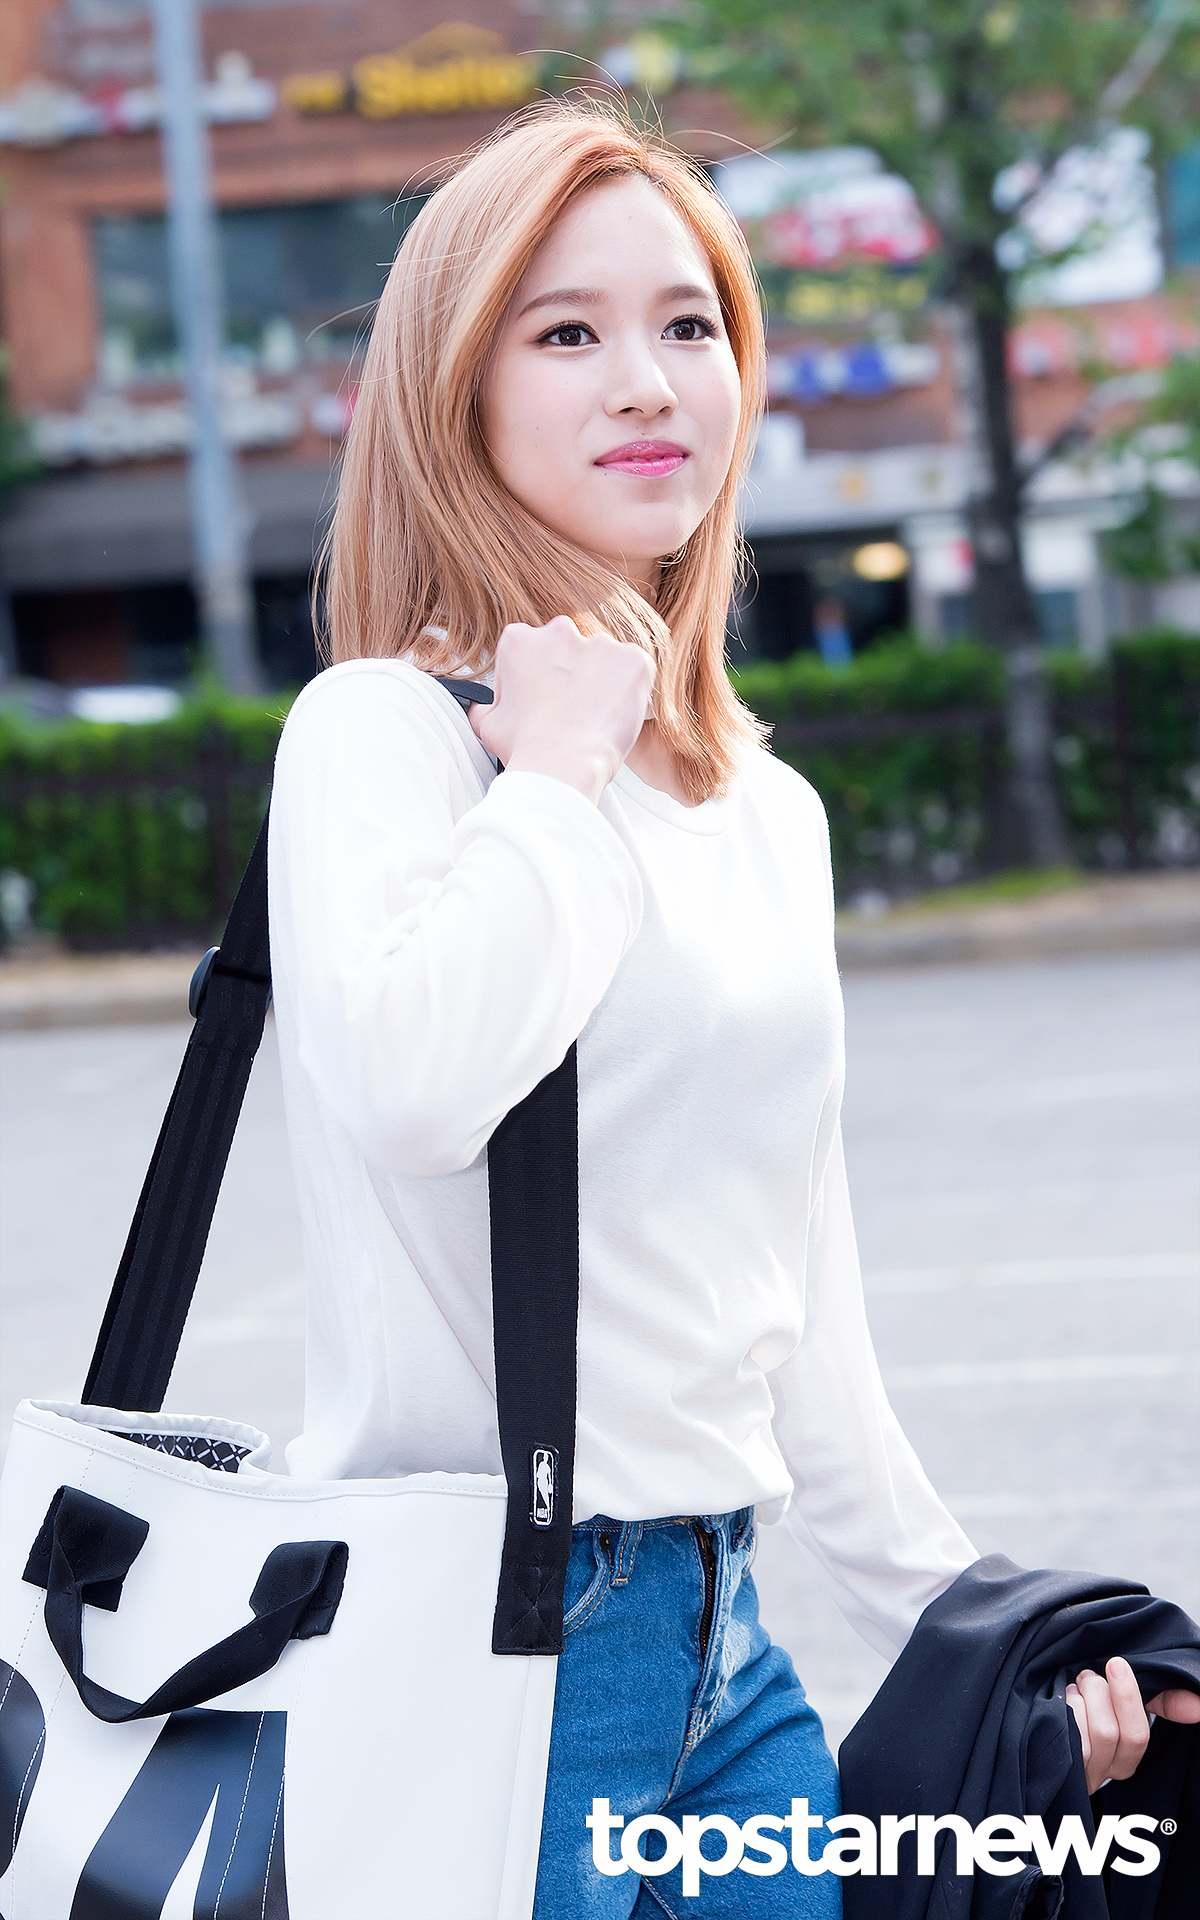 希望那位粉絲可以好好珍藏Mina的證件照囉!最後就用這張Mina美美的照片來跟大家說再見啦~~掰掰( ゚∀゚) ノ♡